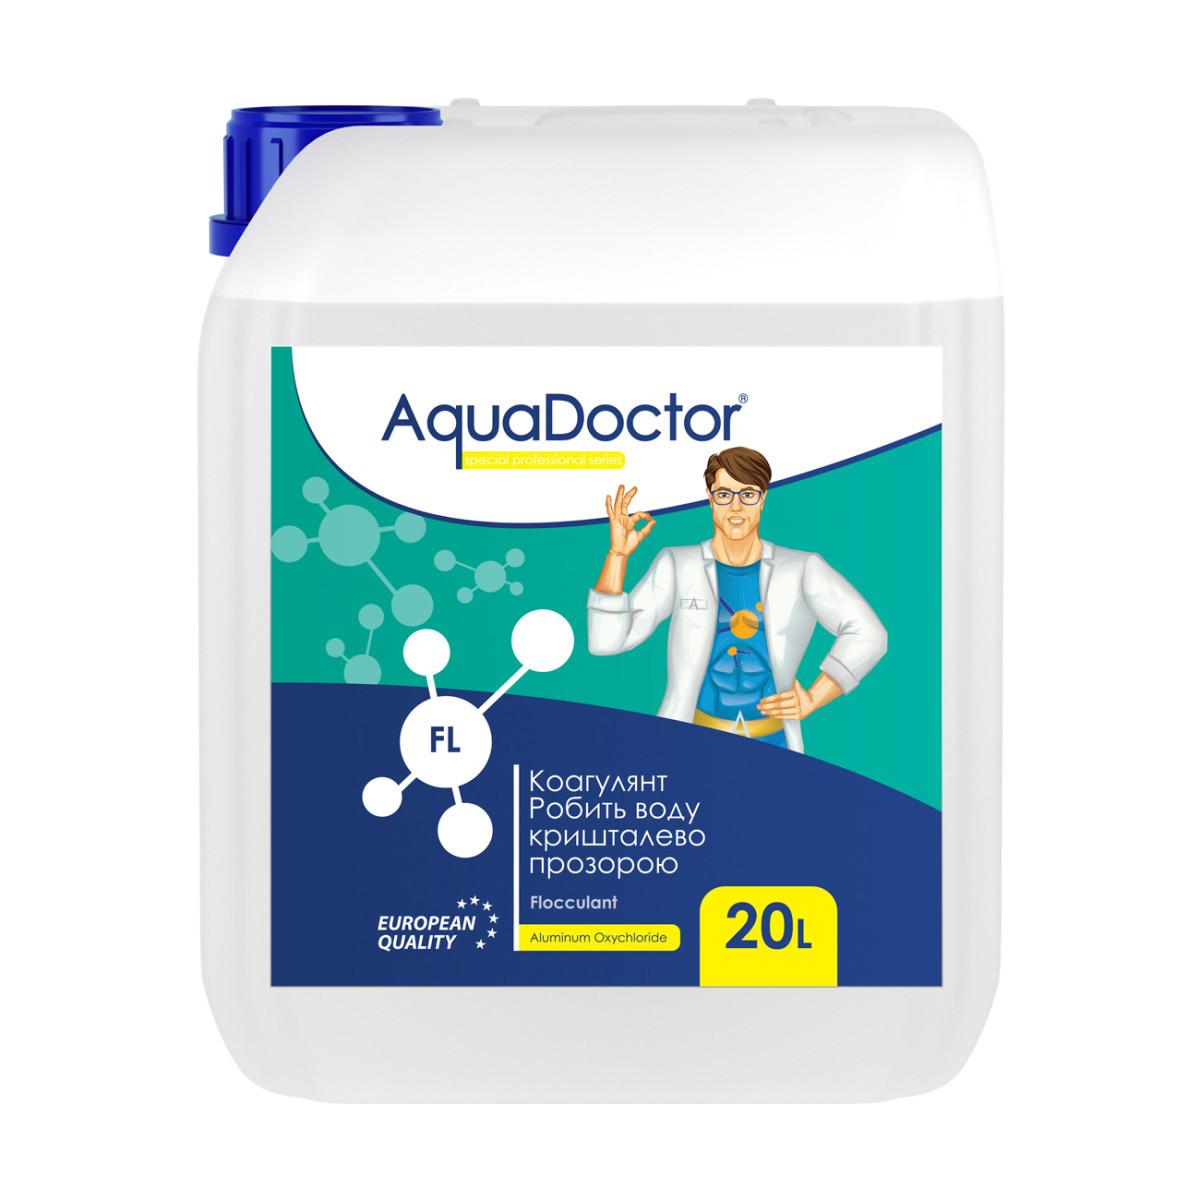 Жидкий коагулянт AquaDoctor FL 20 литров. Флокулянт для бассейна против мутности и для осветления воды